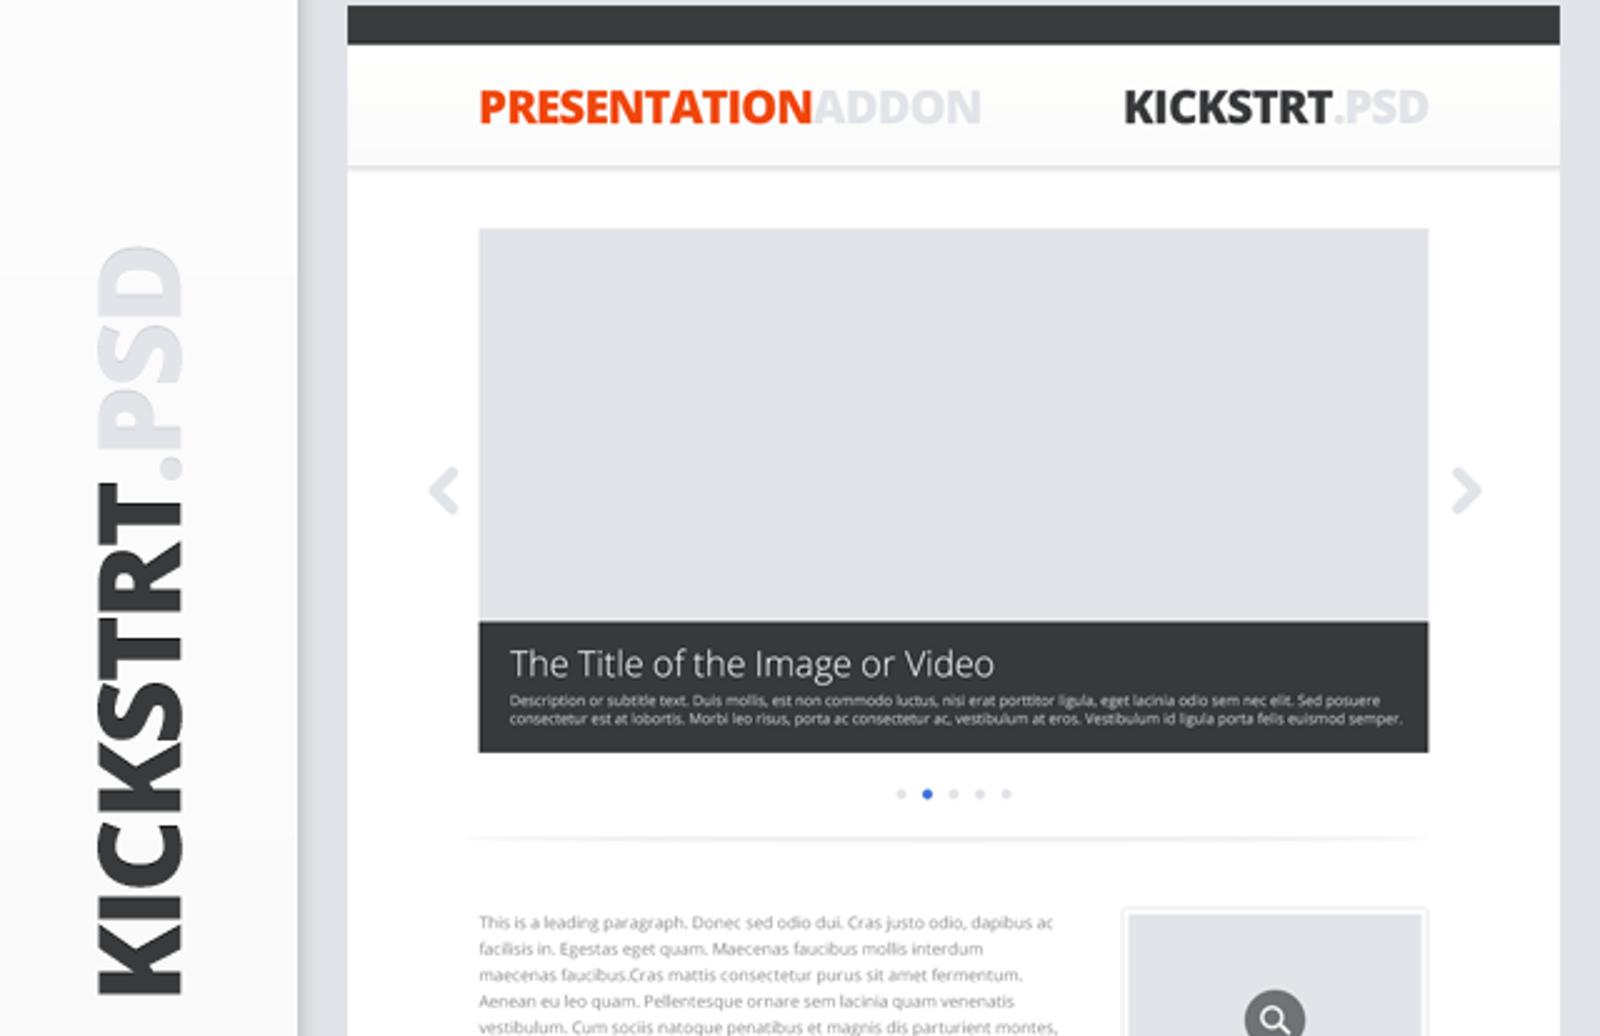 Kickstrt  Presentation  Addon  Preview1